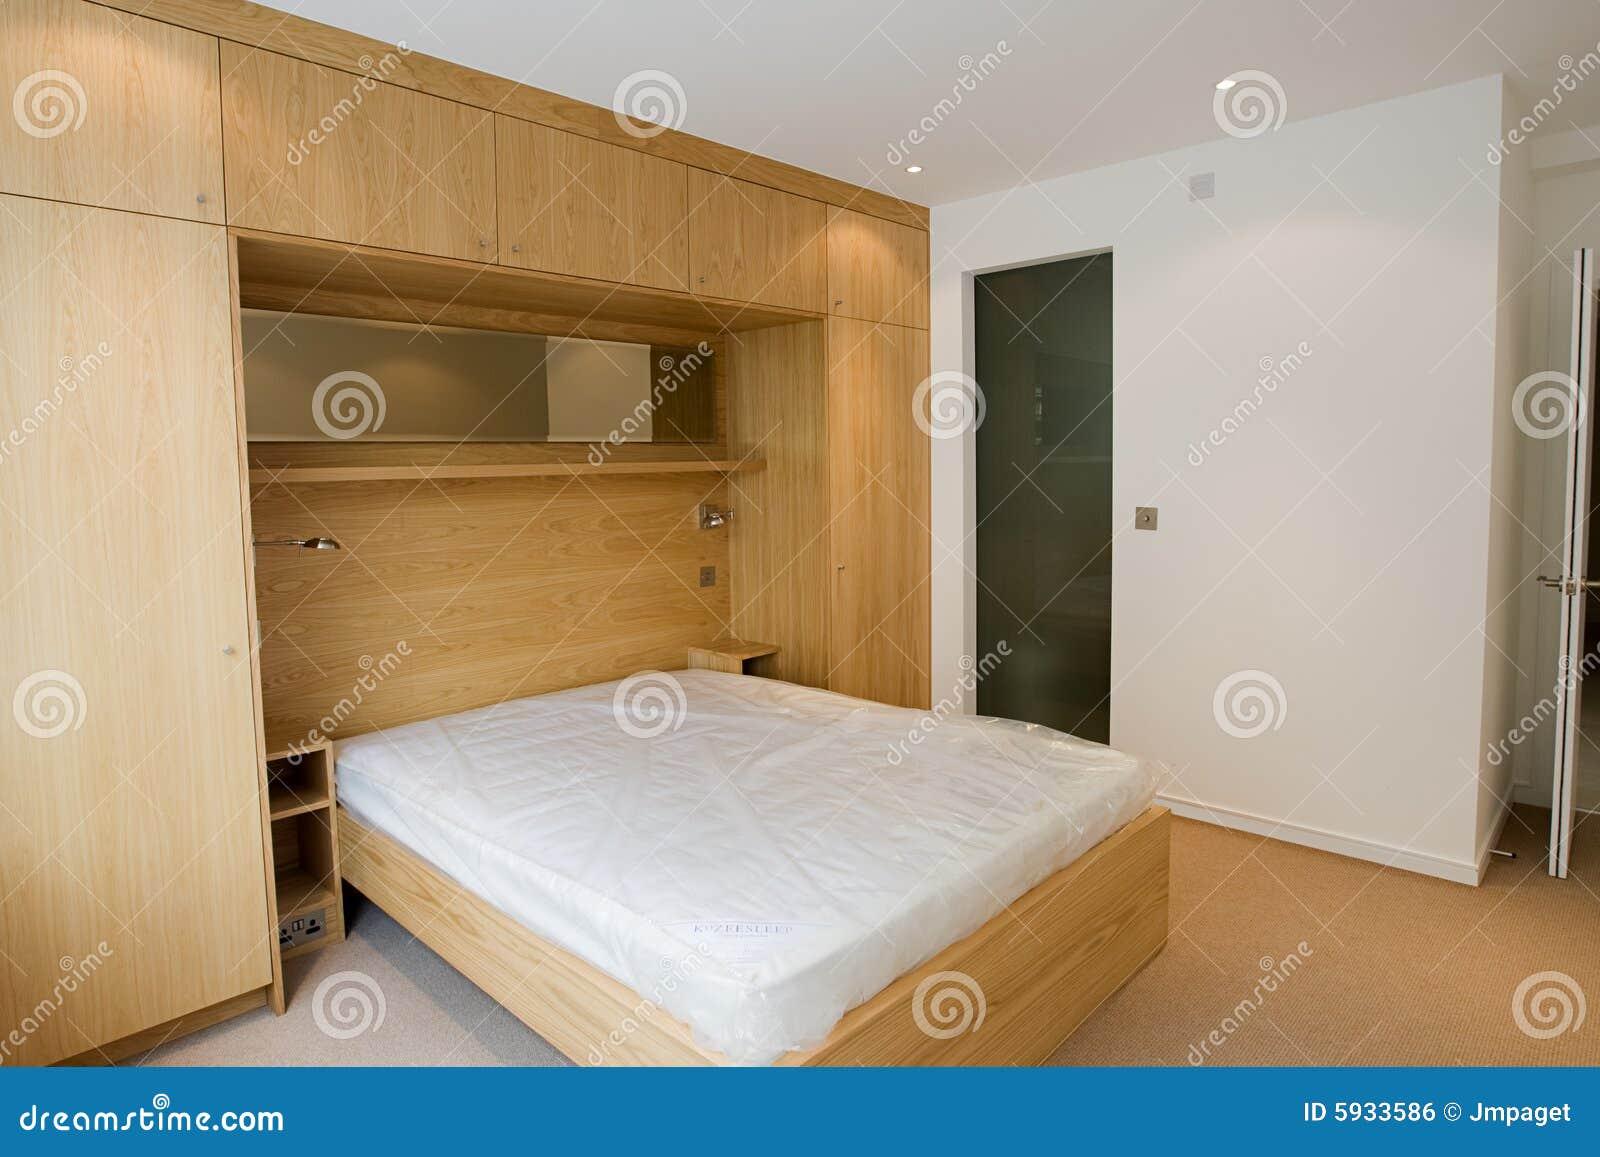 Build Bedroom